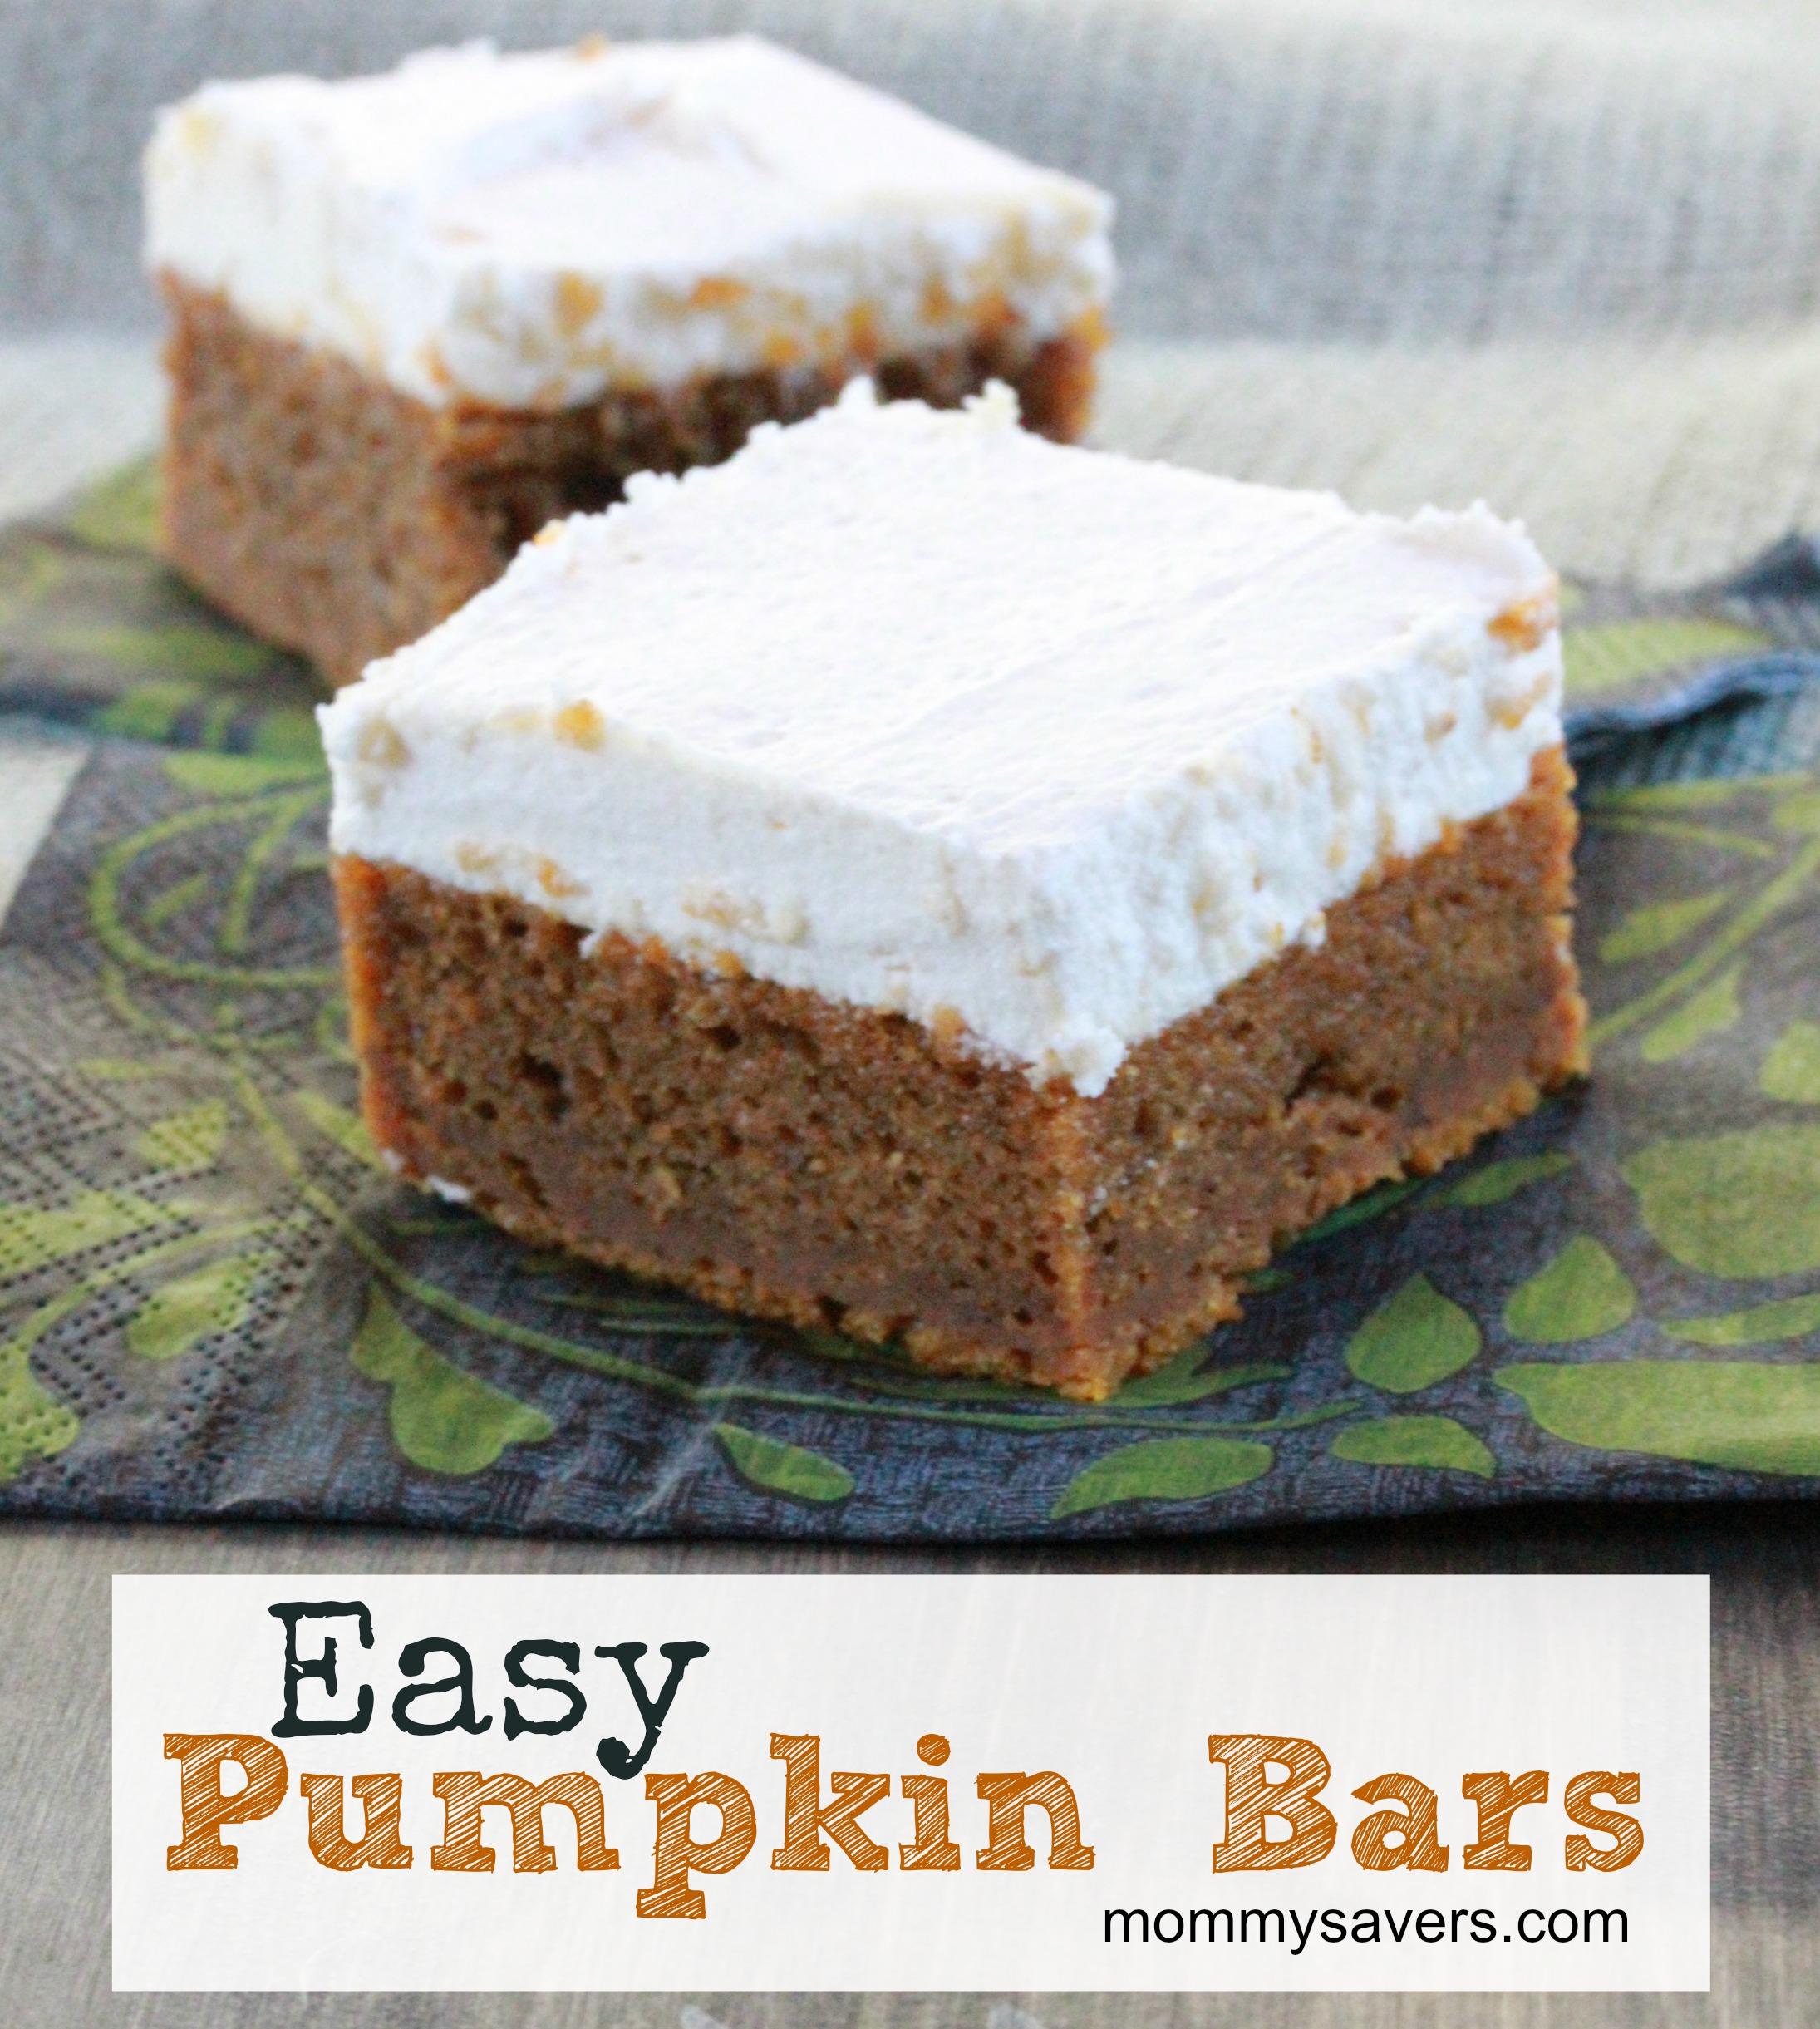 easy pumpkin recipes